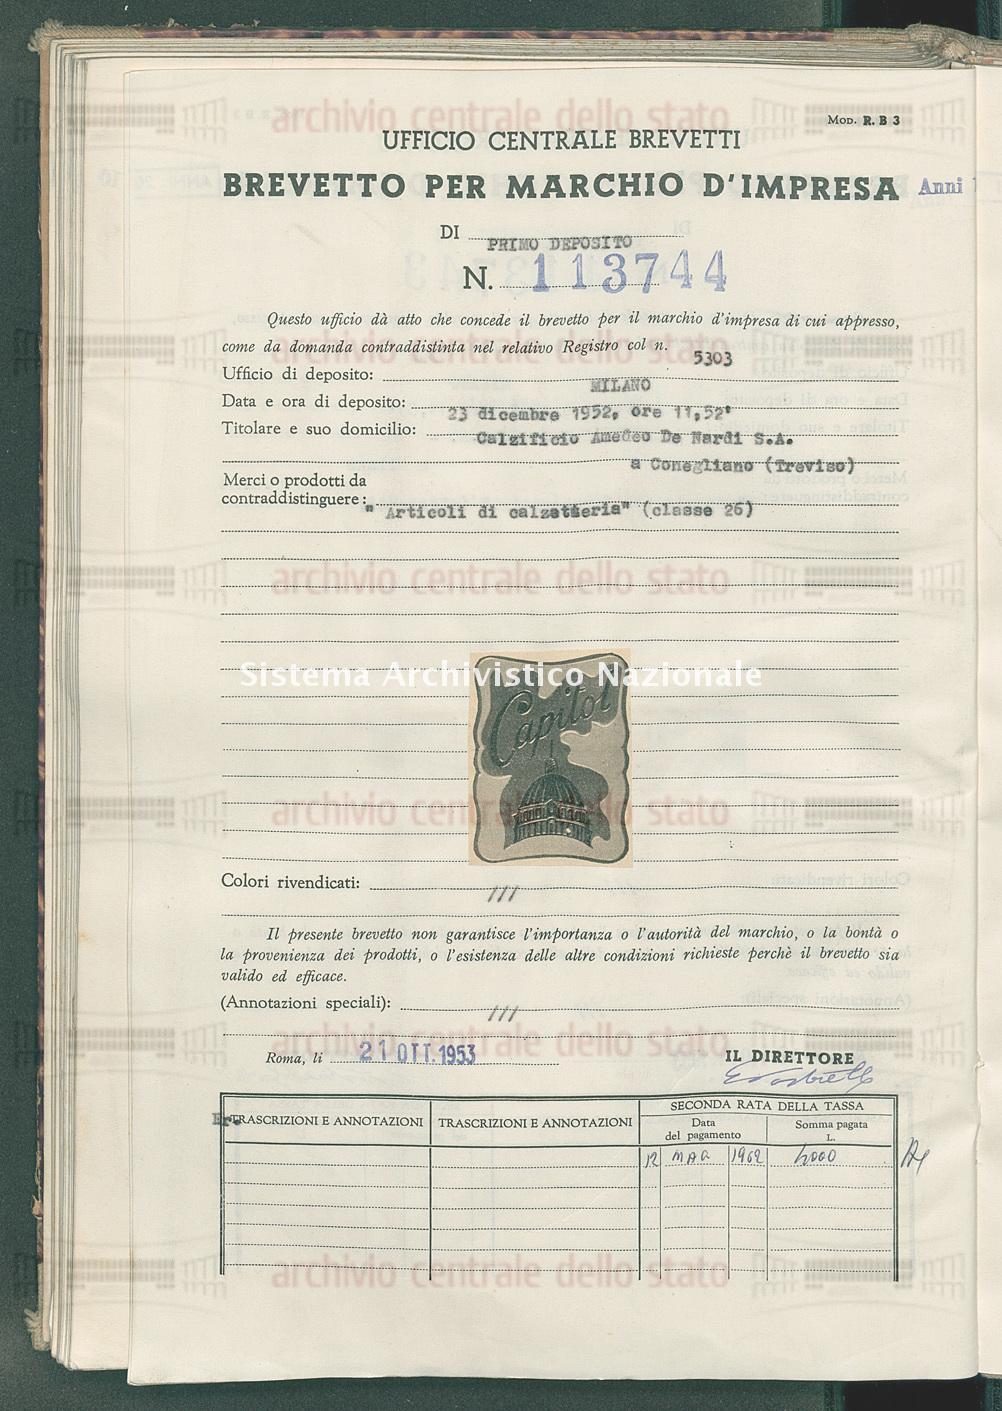 'Articoli di calzetteria' Calzificio Amedeo De Nardi S.P.A. (21/10/1953)